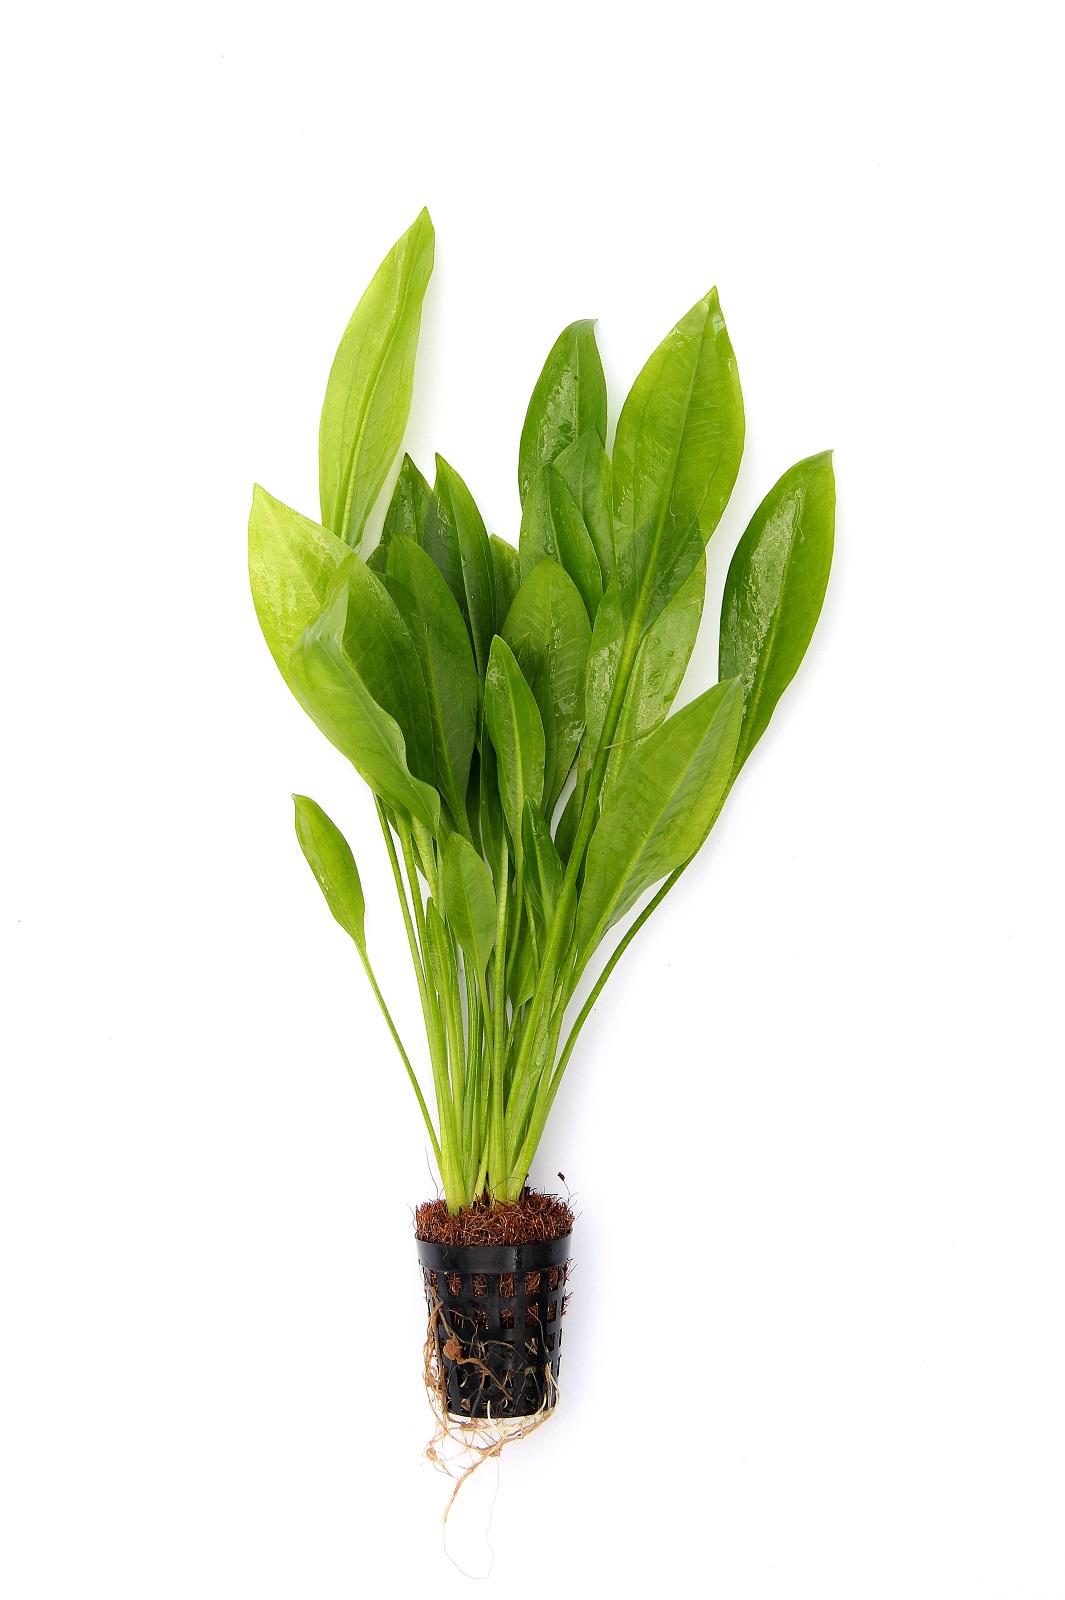 Echinodorus grisebachii Bleherae Grosse Amazonas - Schwertpflanze